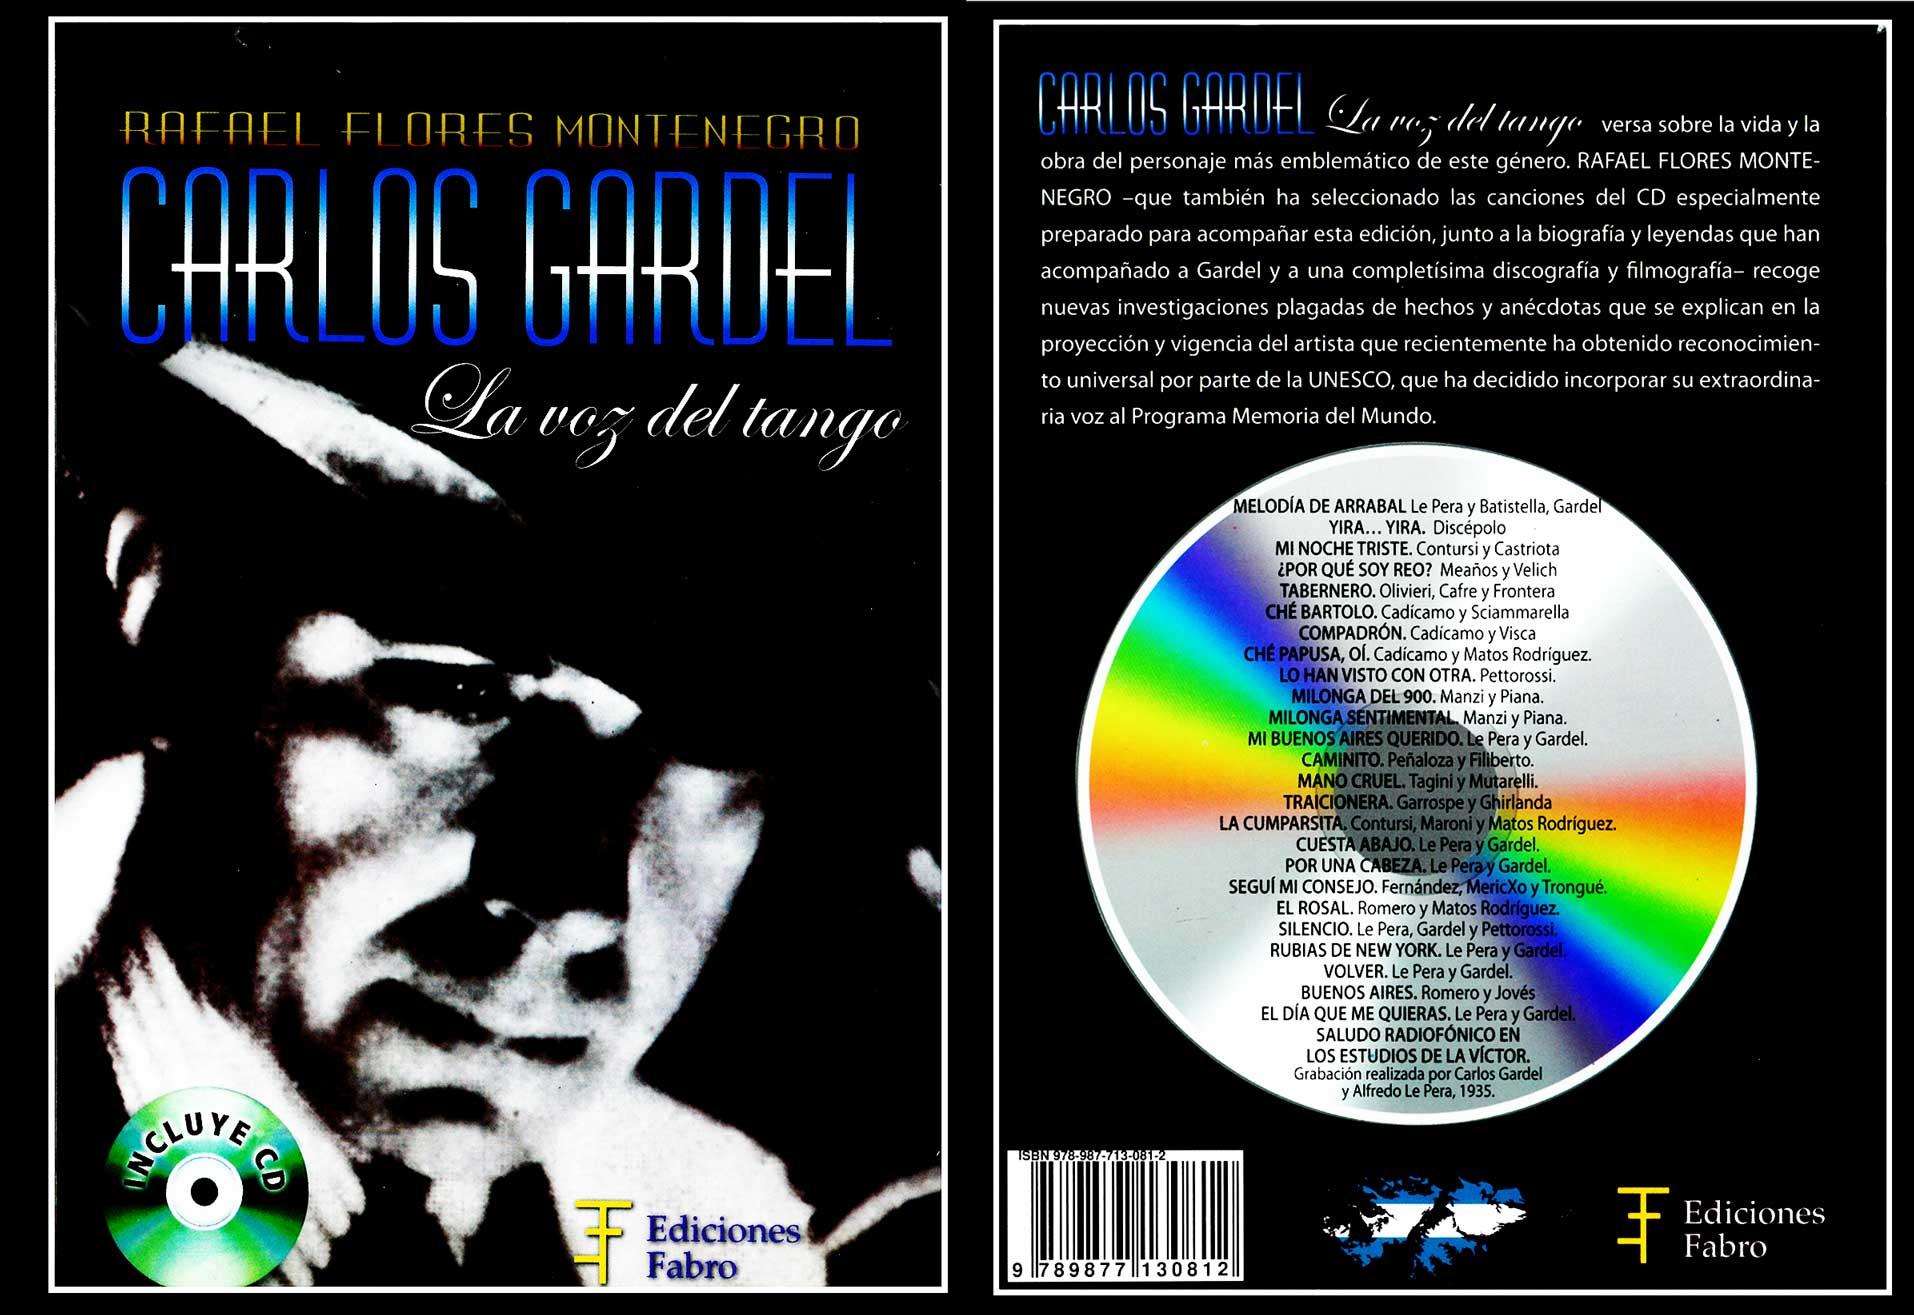 13_Carlos-Gardel-La-voz-del-tango